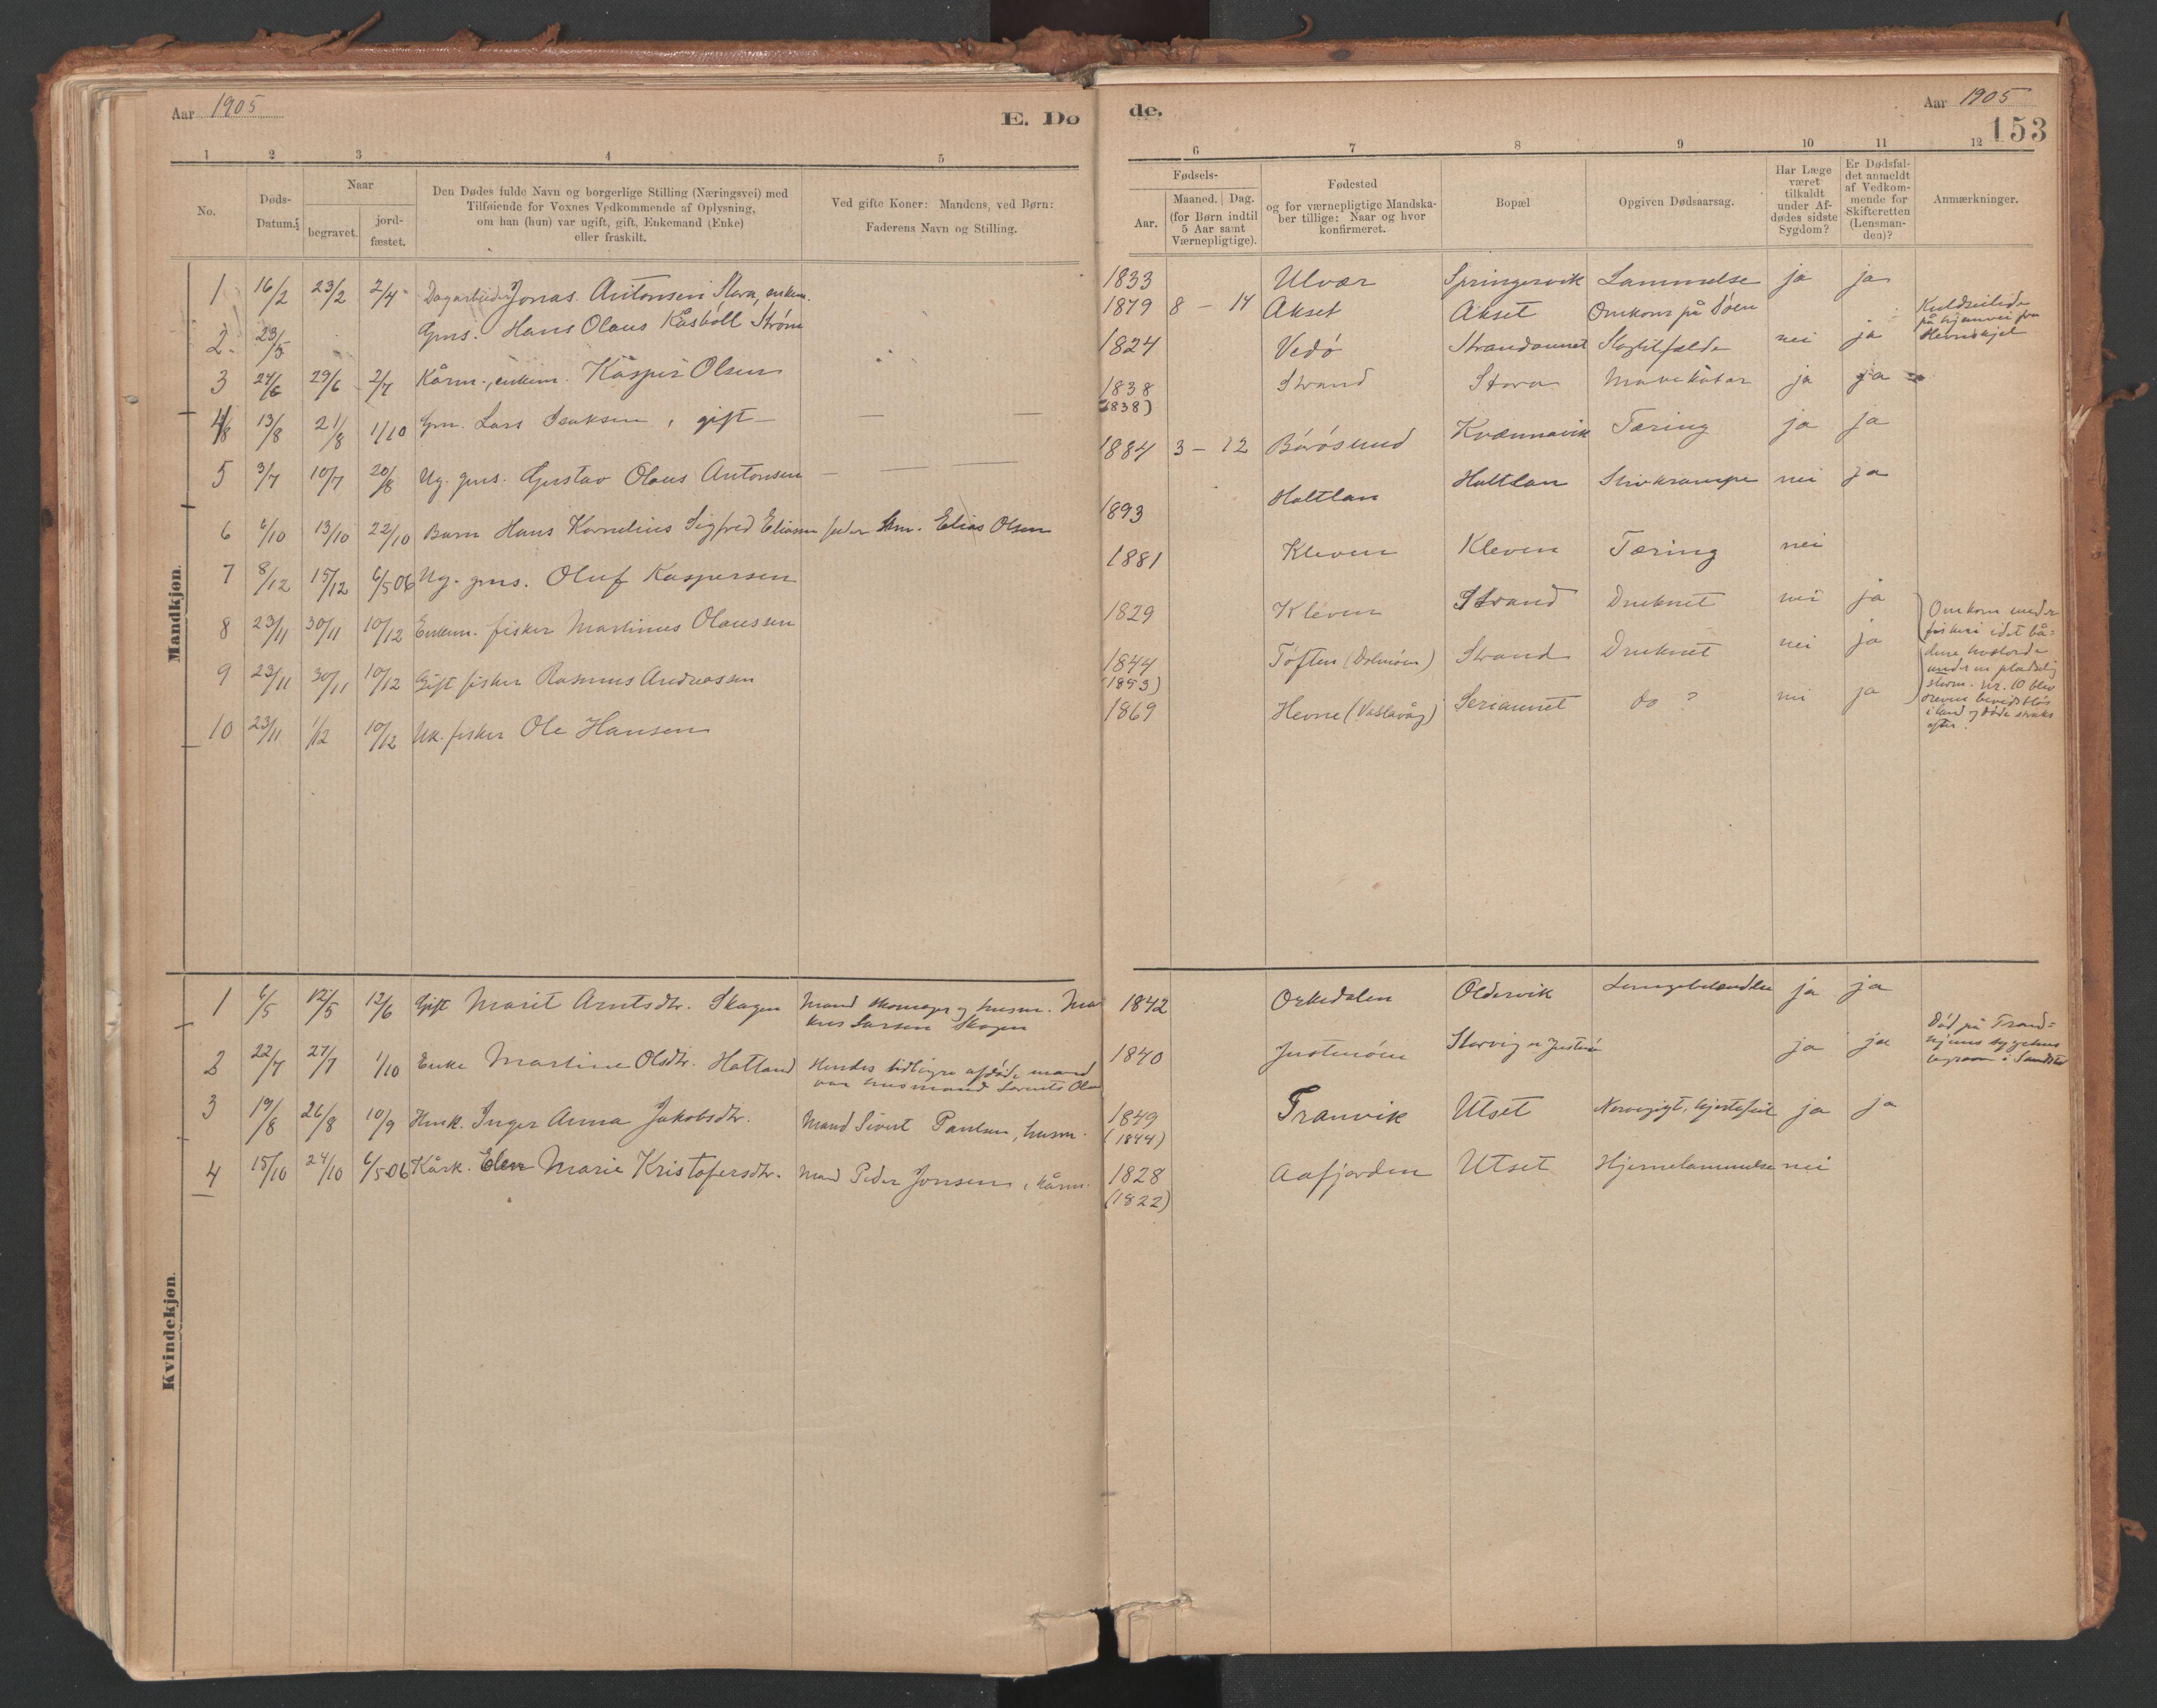 SAT, Ministerialprotokoller, klokkerbøker og fødselsregistre - Sør-Trøndelag, 639/L0572: Ministerialbok nr. 639A01, 1890-1920, s. 153